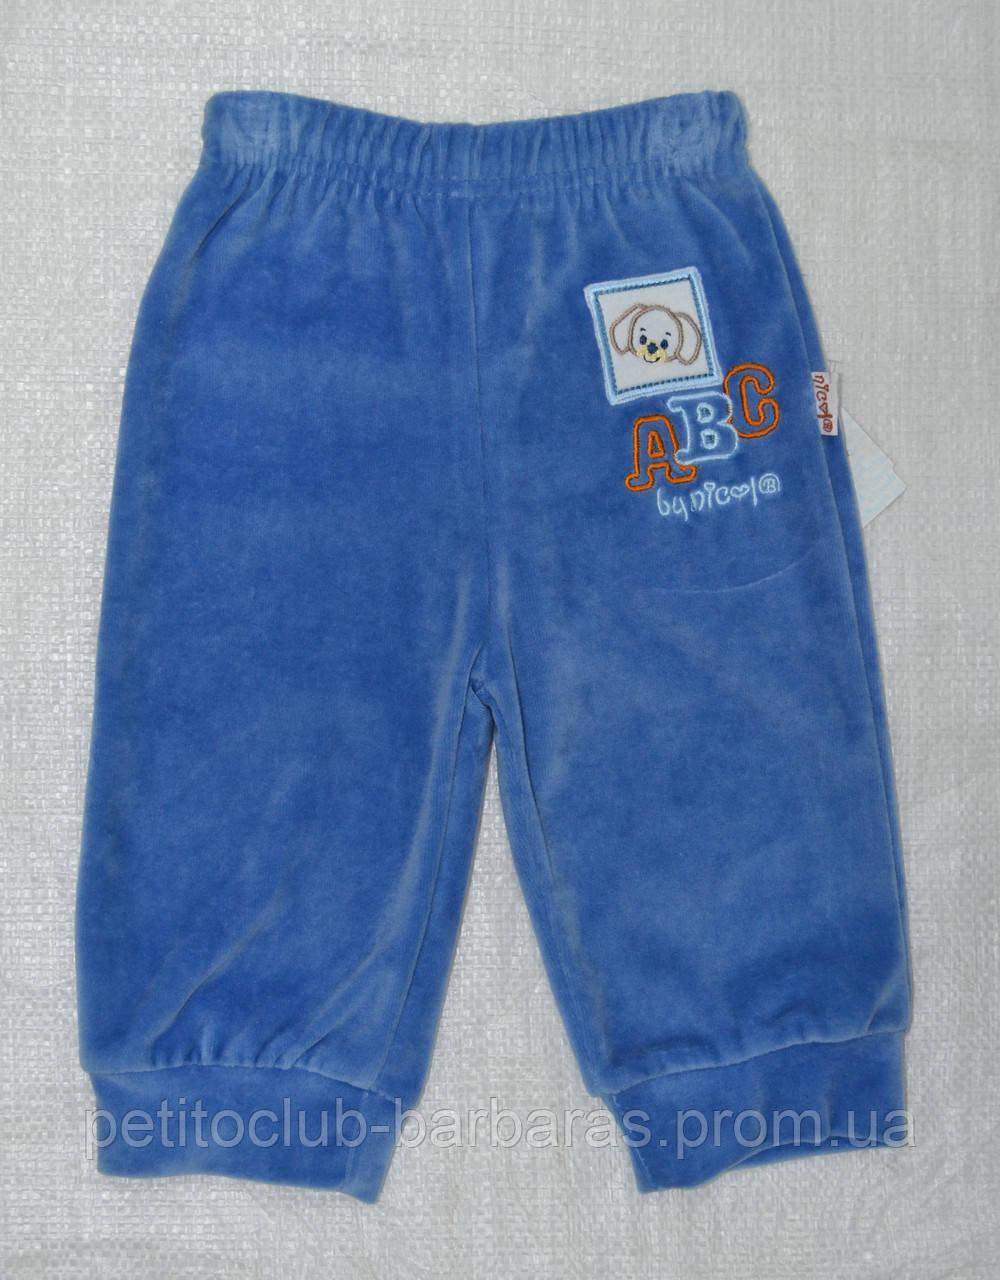 Штаны велюровые АВС голубые для мальчика (Nicol, Польша)